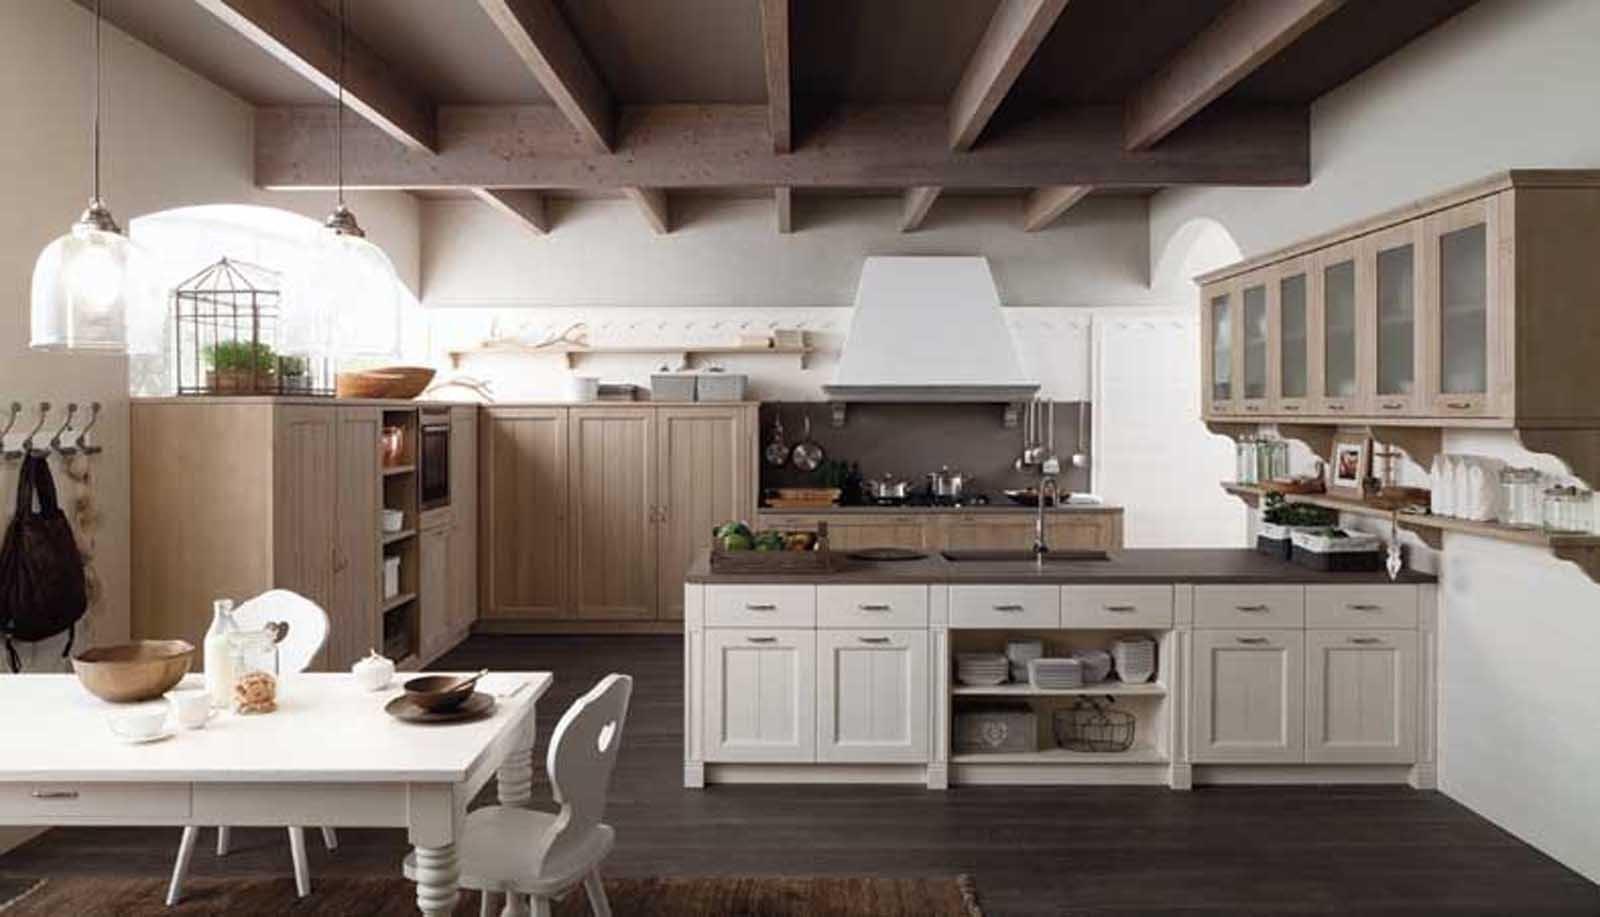 ... new classic la nuova cucina country è new classic in cucina un tocco